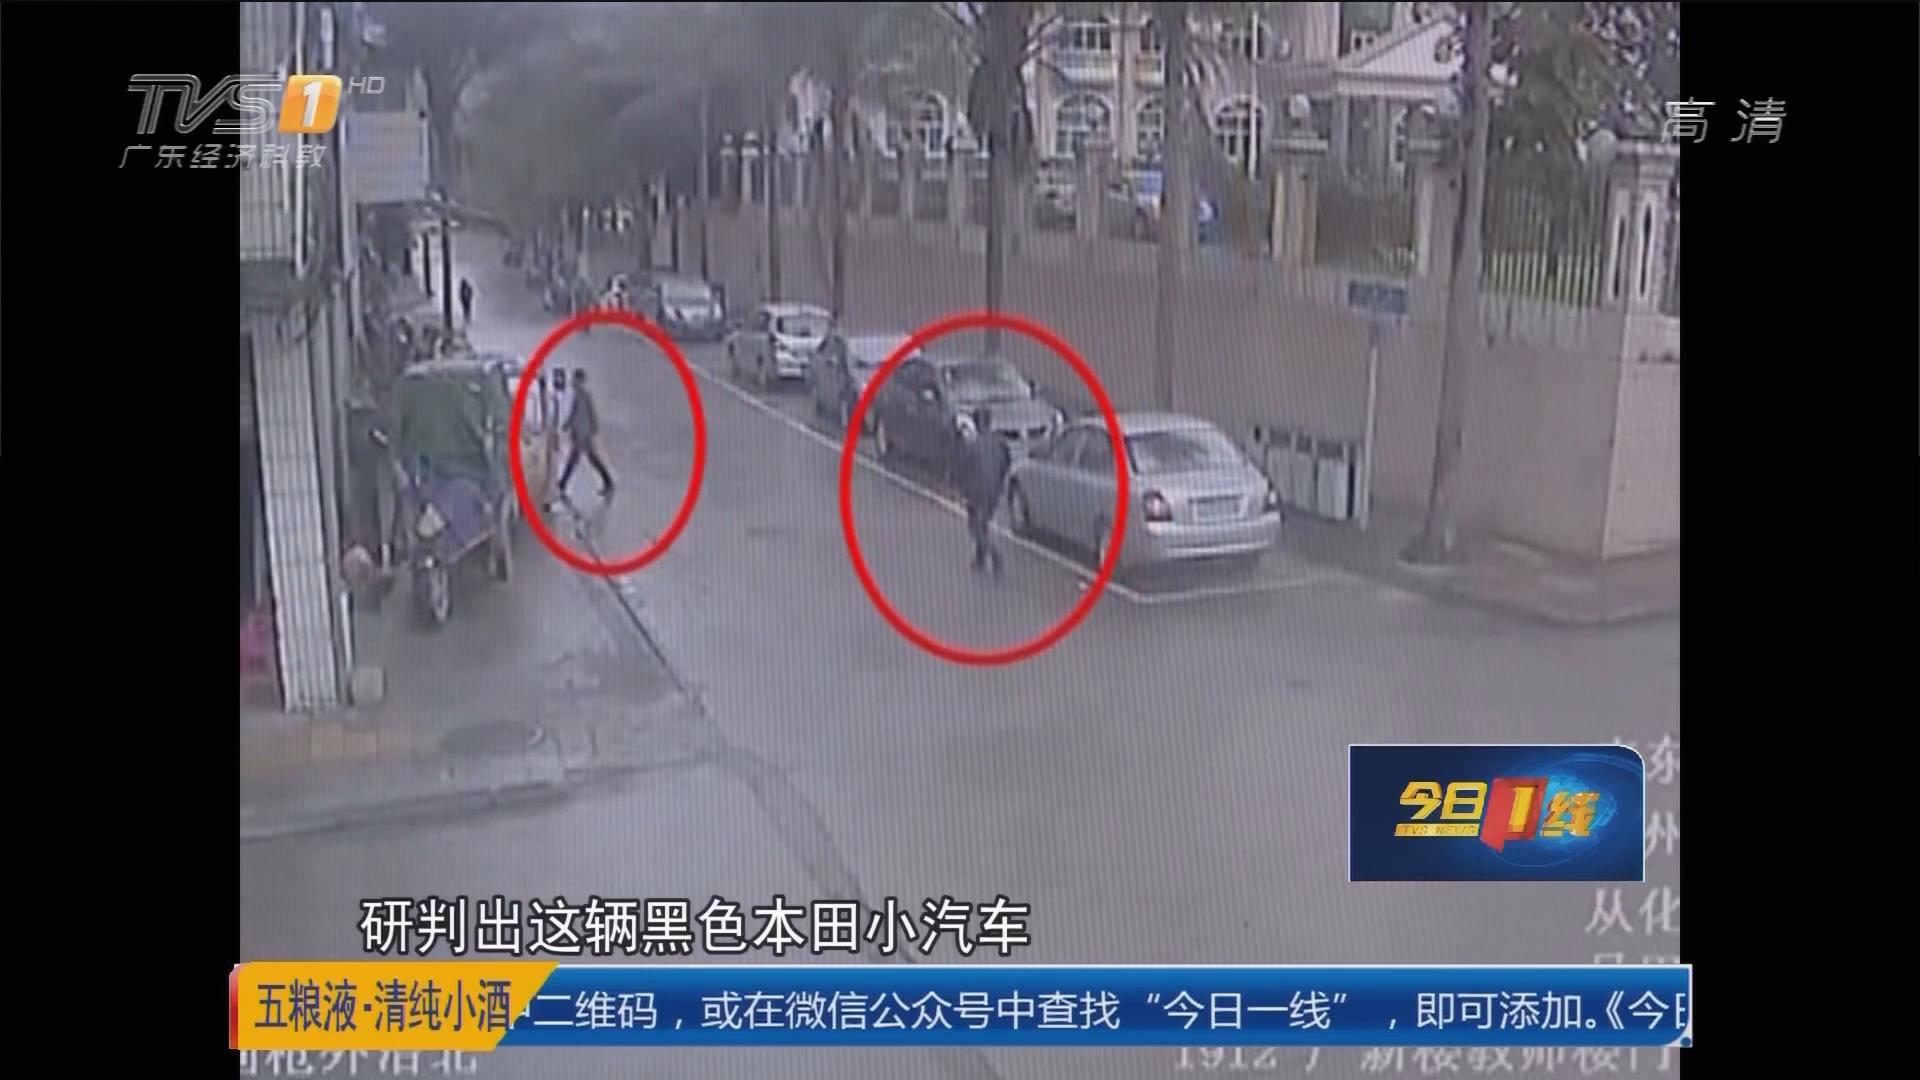 """""""飓风2016""""打击盗窃犯罪:广州 跨省流窜盗窃团伙在茂名落网"""